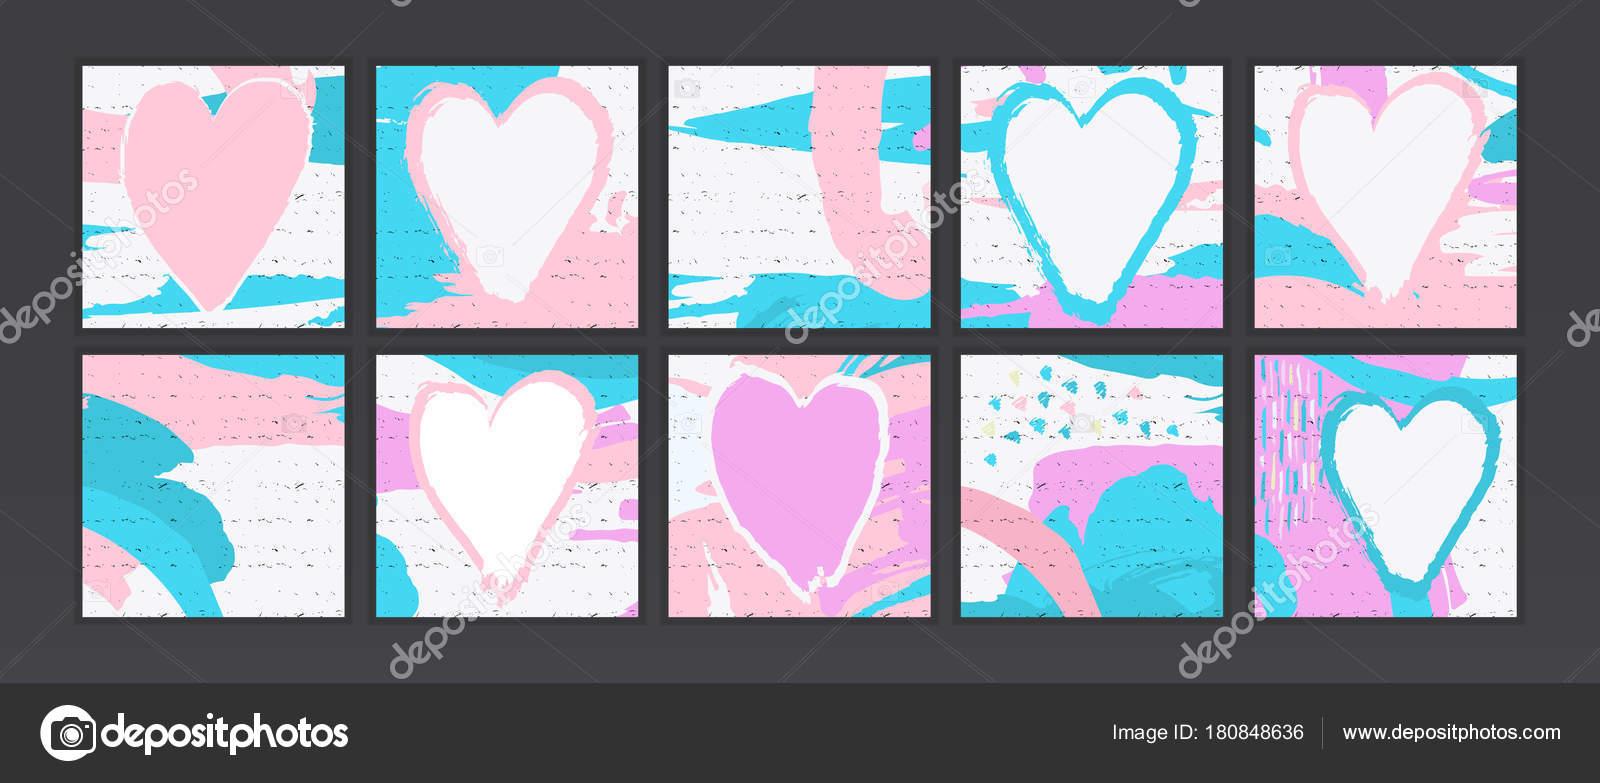 Sammlung Von Künstlerischen, Bürsten, Abstrakten Hintergrund. Rosa Herzen.  Abbildungen, Bilder Zum Valentinstag. Moderne Abstrakte Decken U2014 Vektor Von  ...